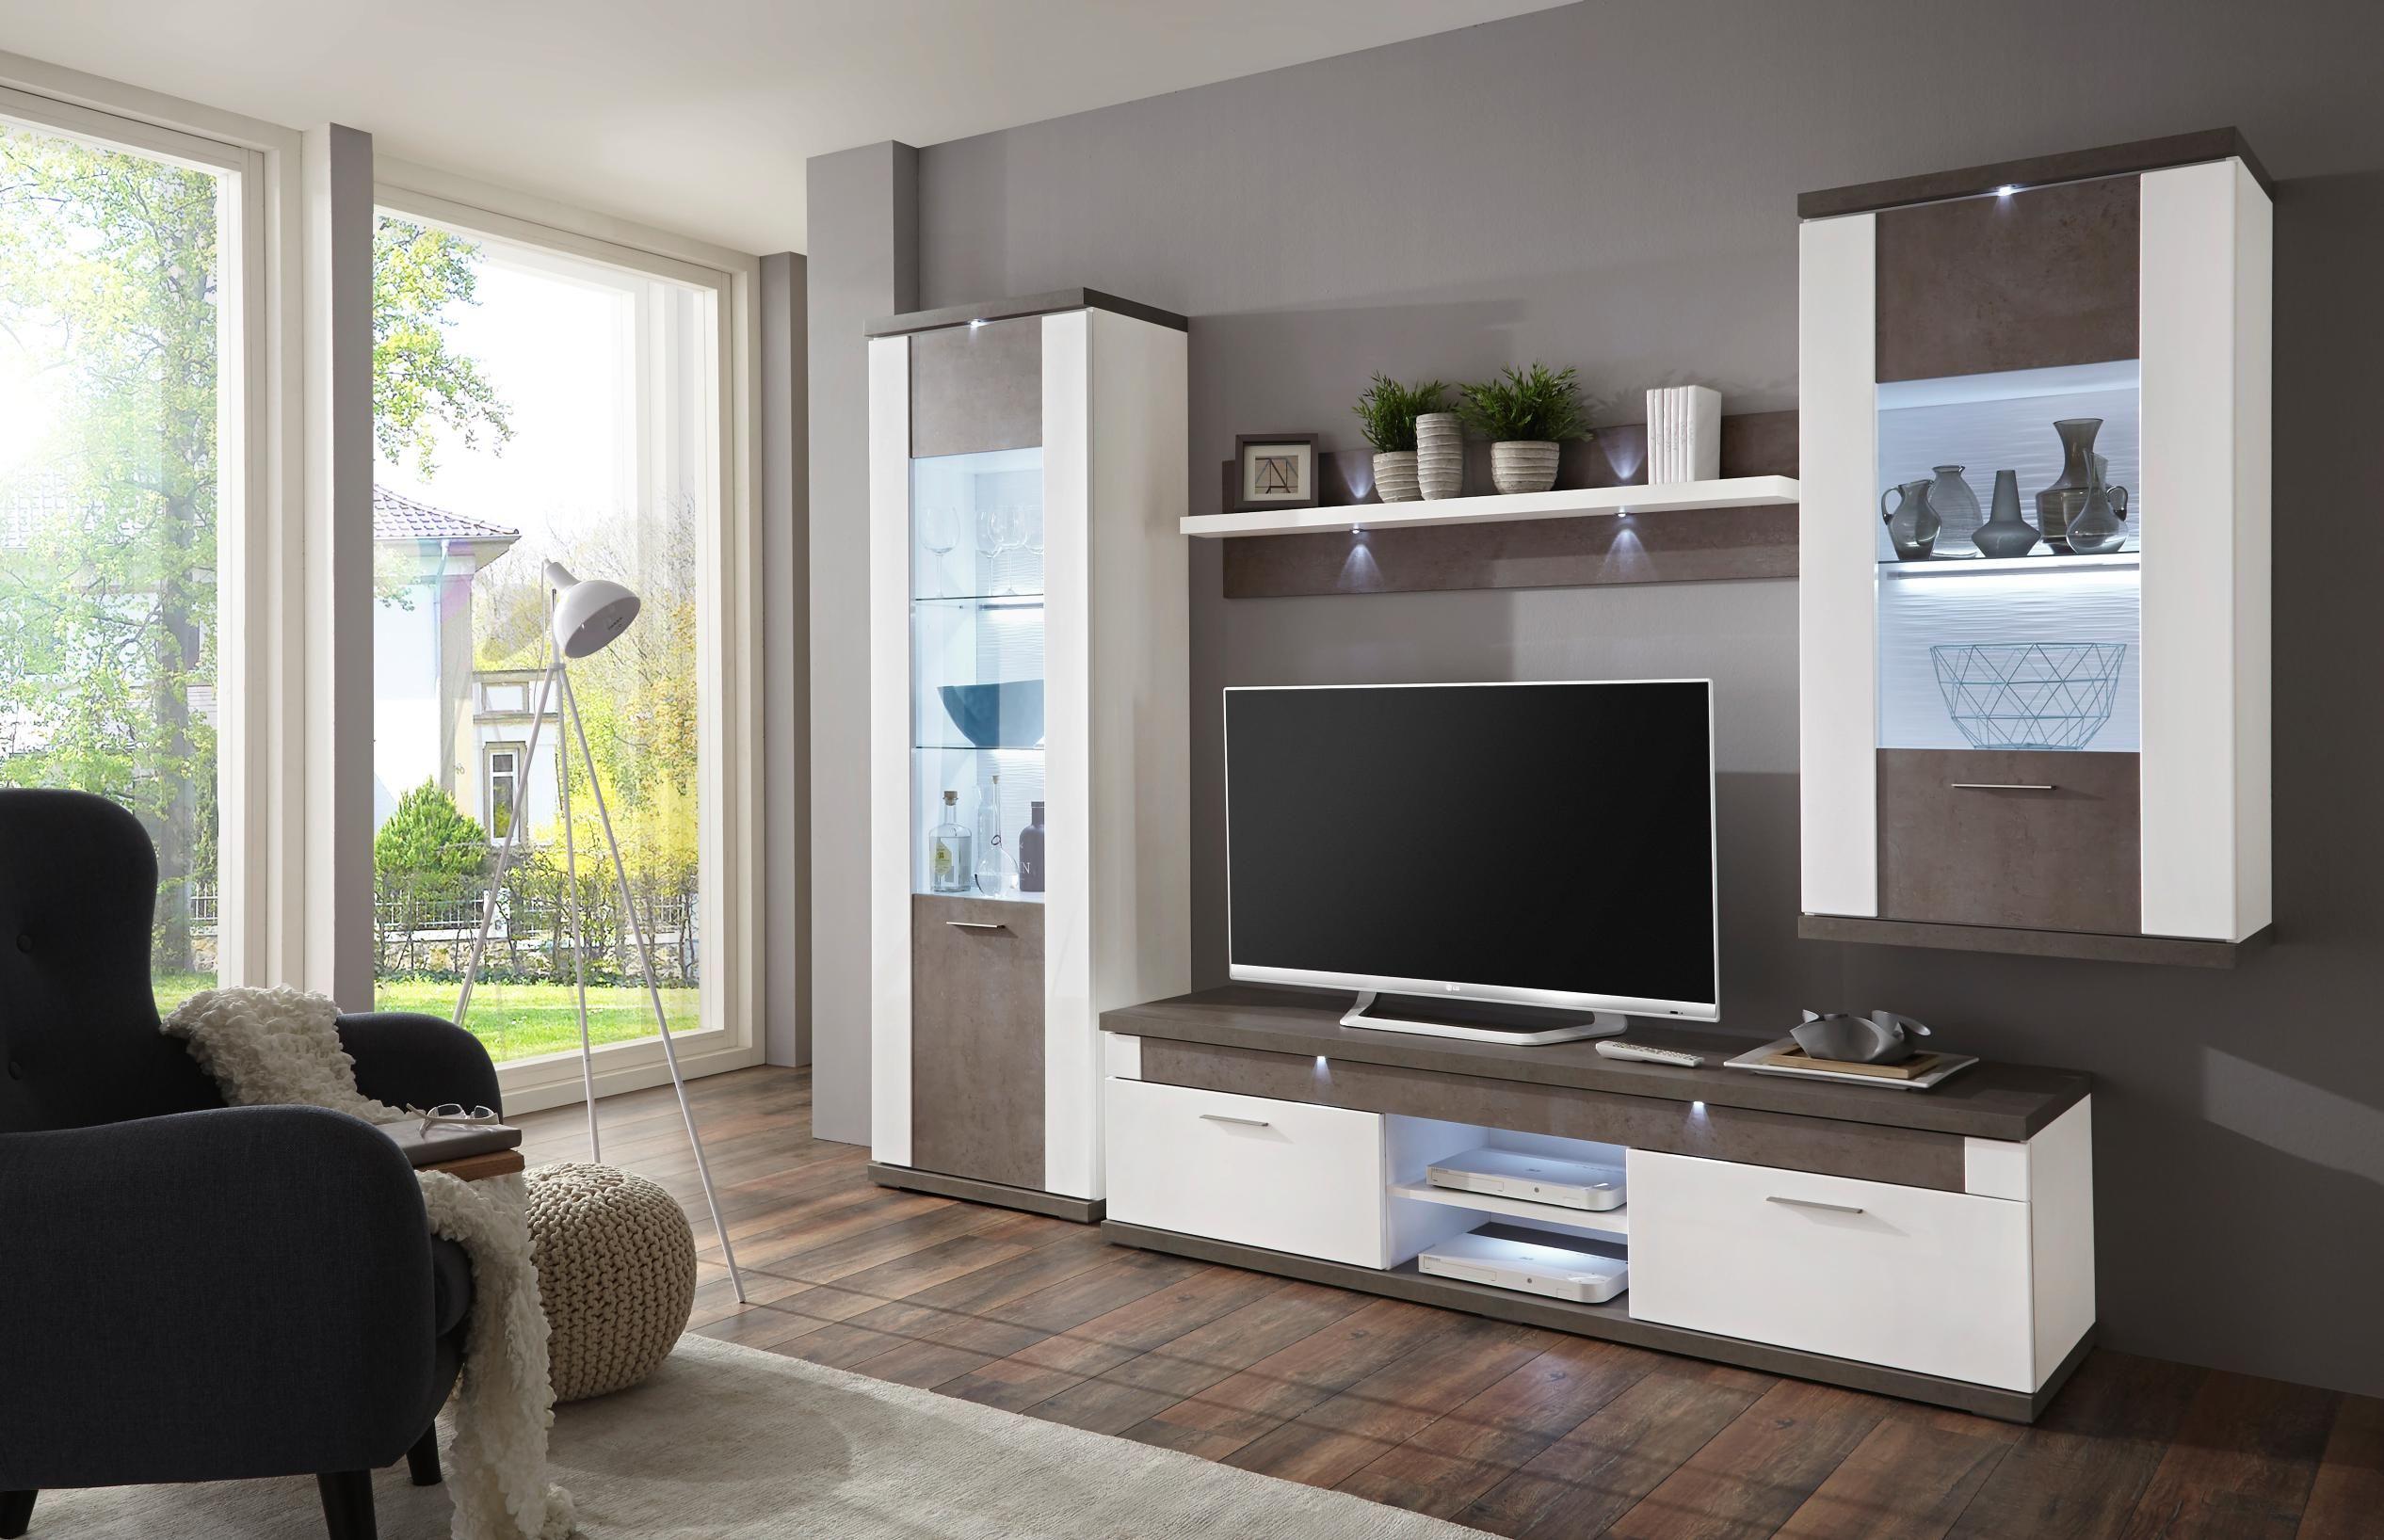 Wohnwand In Grau Weiss Von Xora Wohnen Wohnung Wohnzimmer